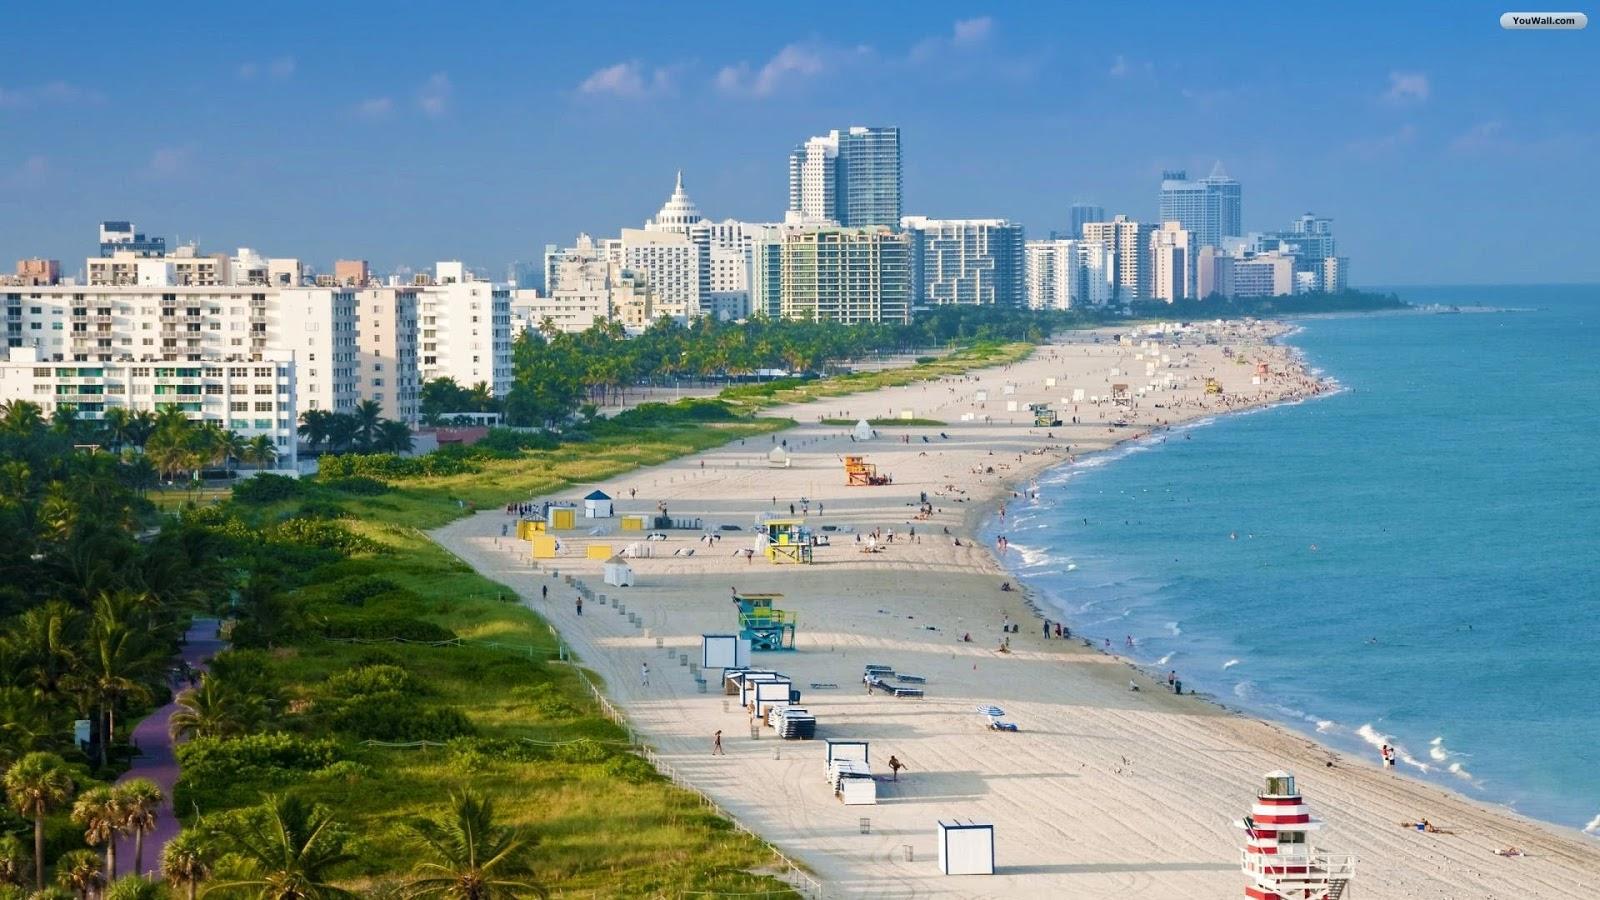 http://4.bp.blogspot.com/-jXGViJ7rm14/UUSlCIovChI/AAAAAAAABT4/F1Ka88fdj90/s1600/miami-beach-wallpaper%5B1%5D.jpg